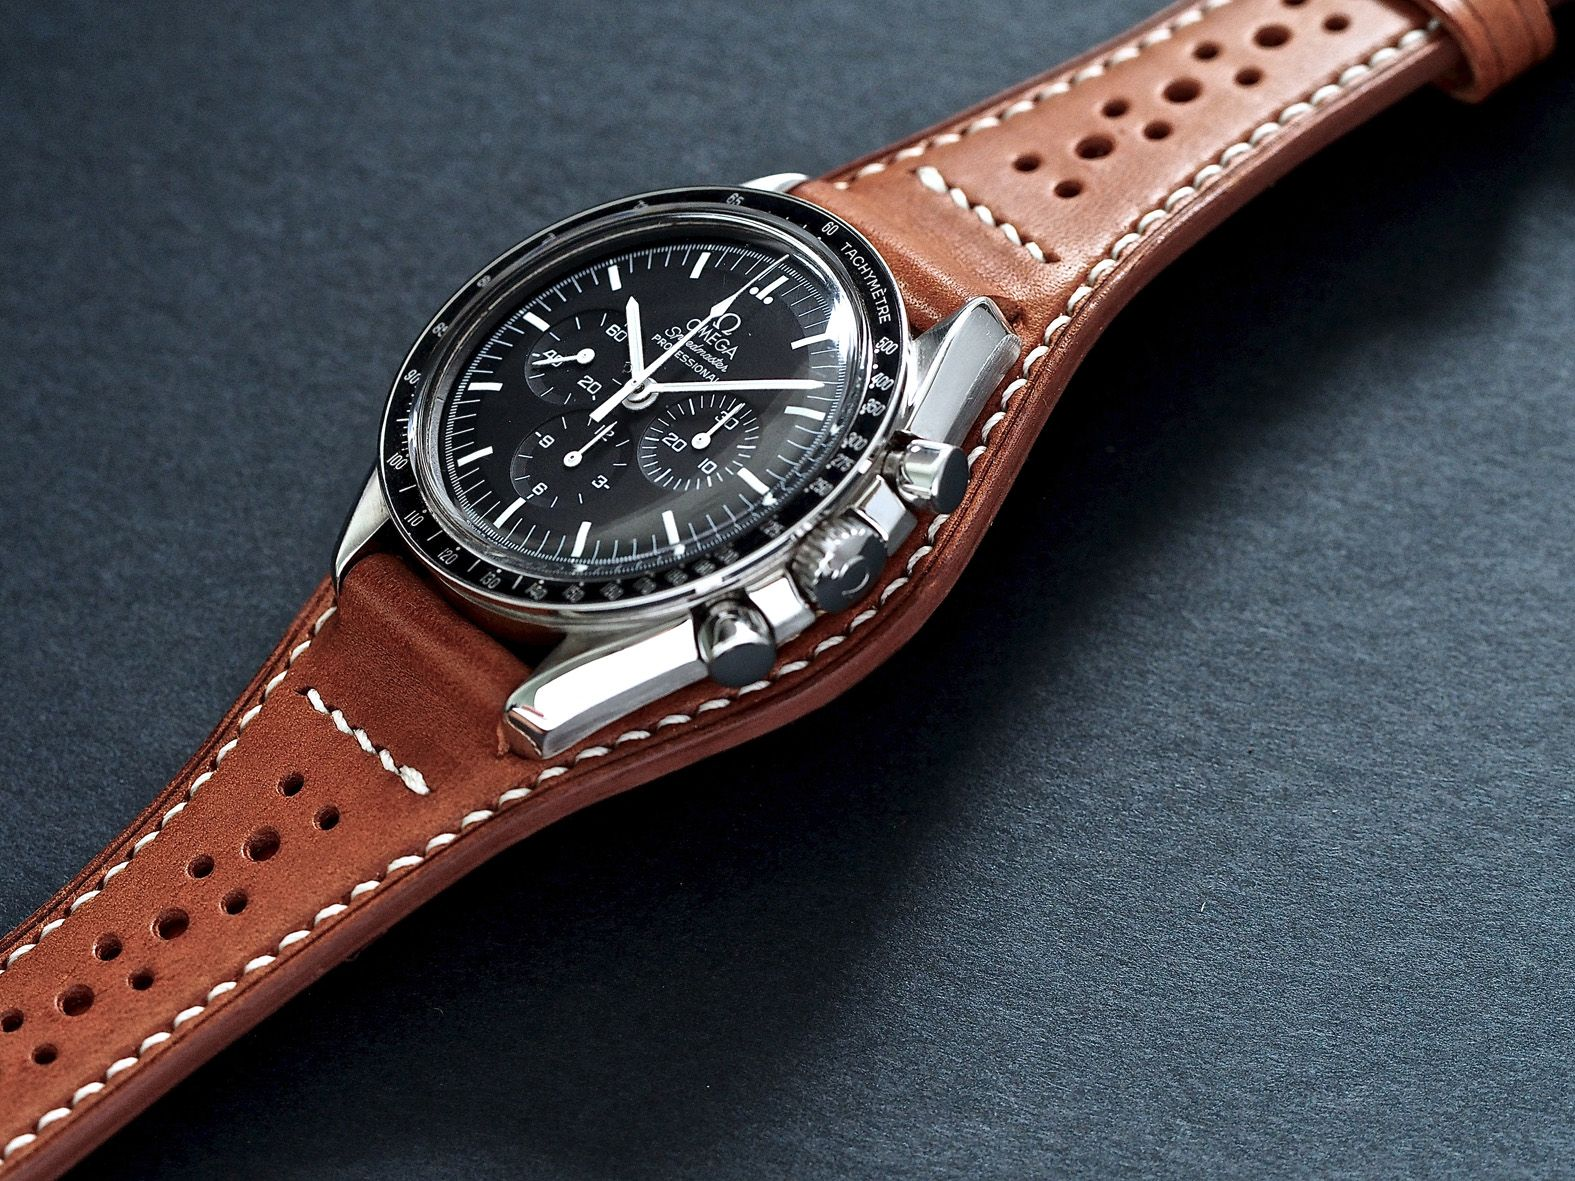 Fs Handcrafted Full Bund Strap Leather Watch Cuff Watch Strap Design Watch Strap